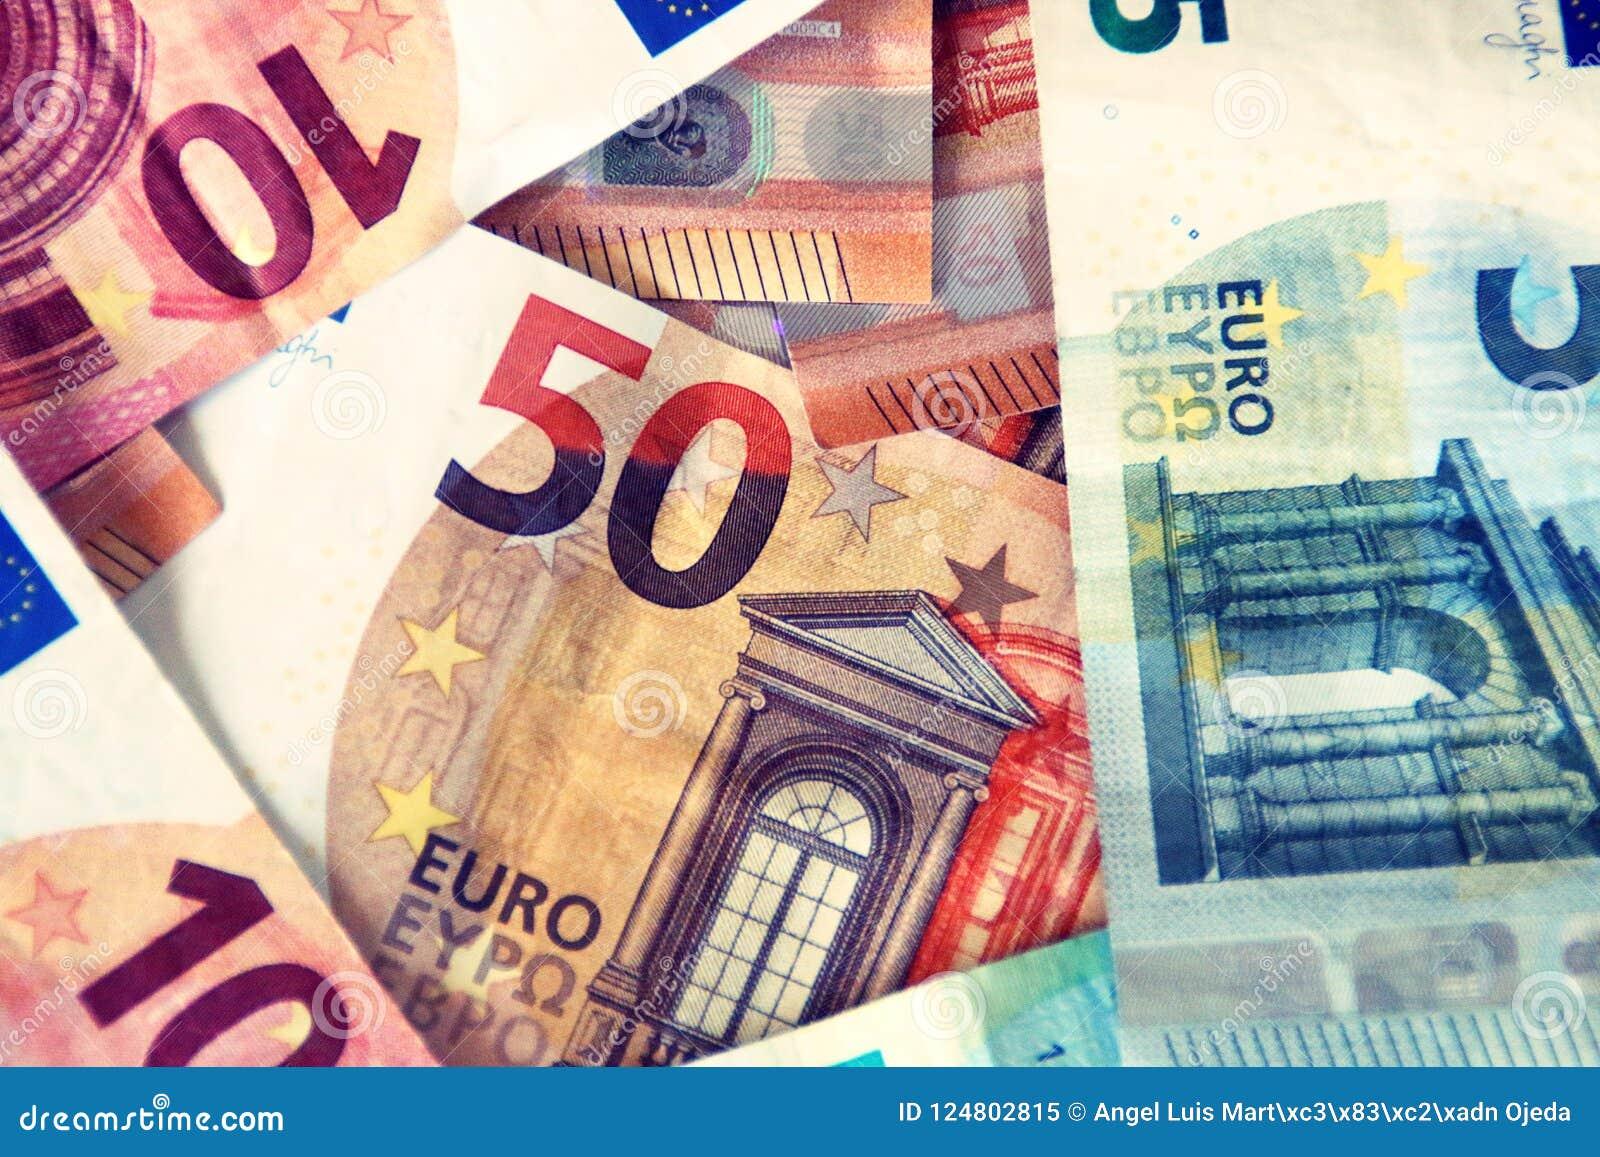 Finanzas, cuentas/notas de euros